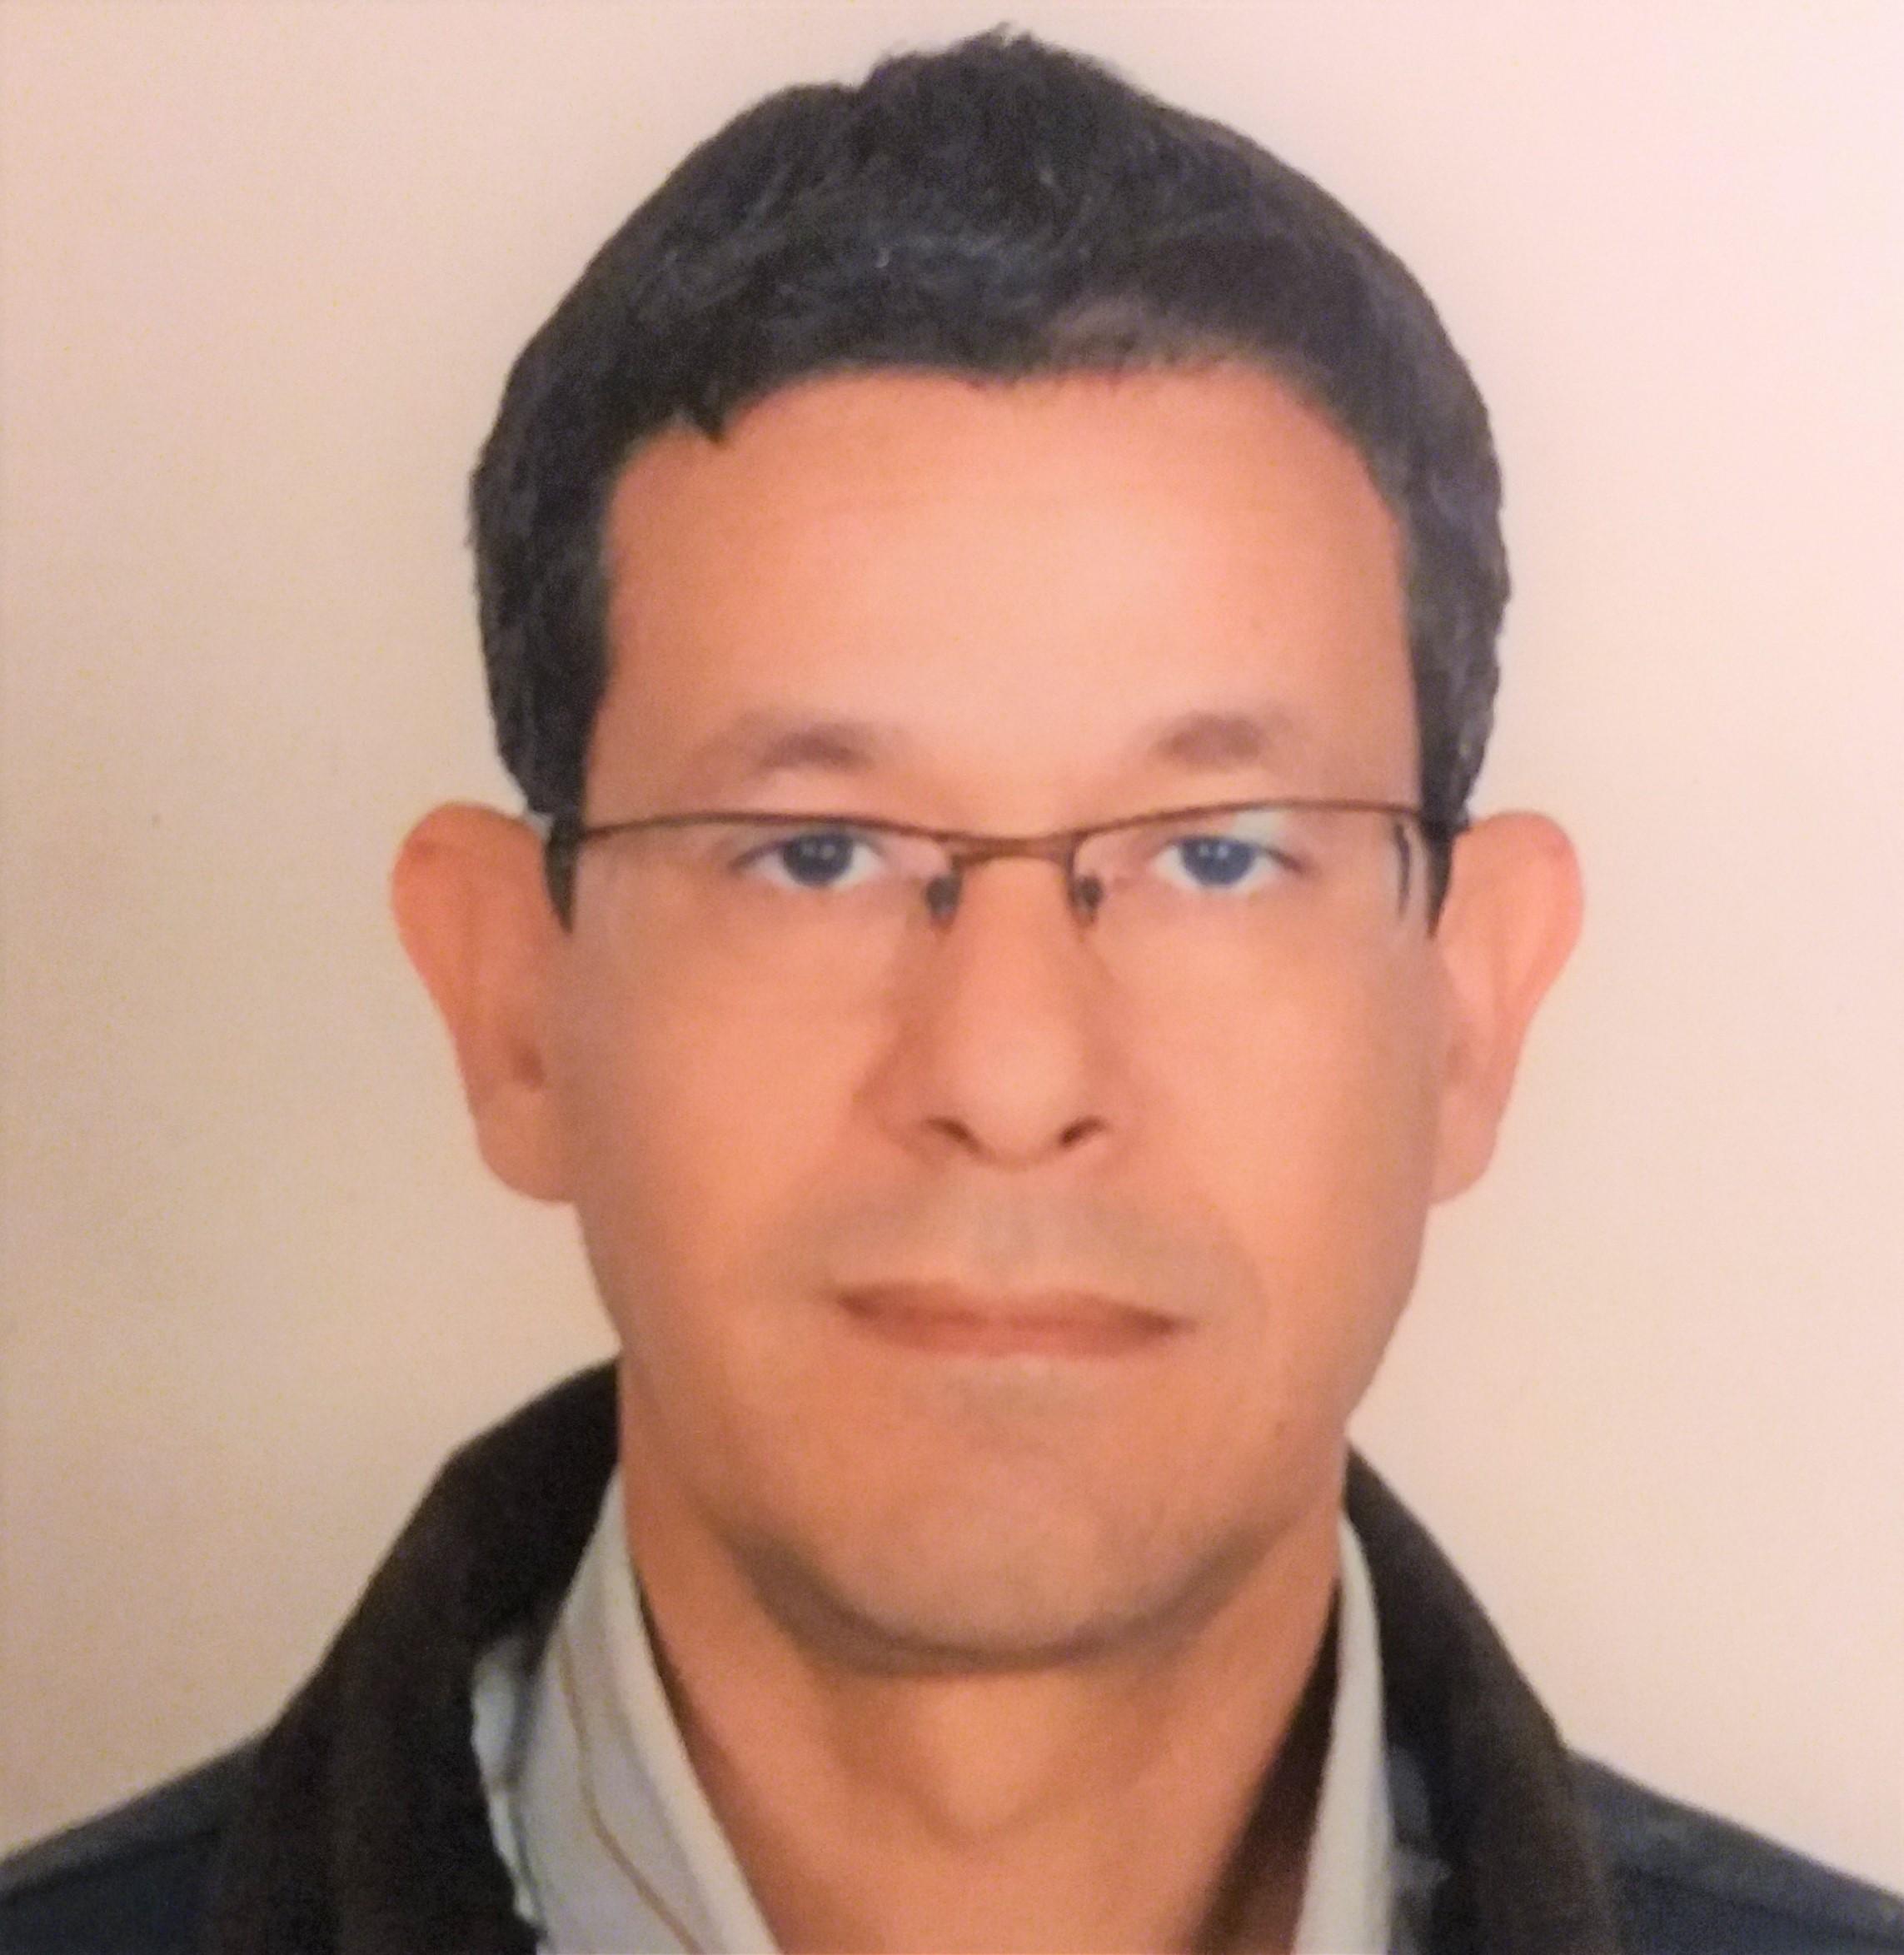 Abdelmounaim Aboussad